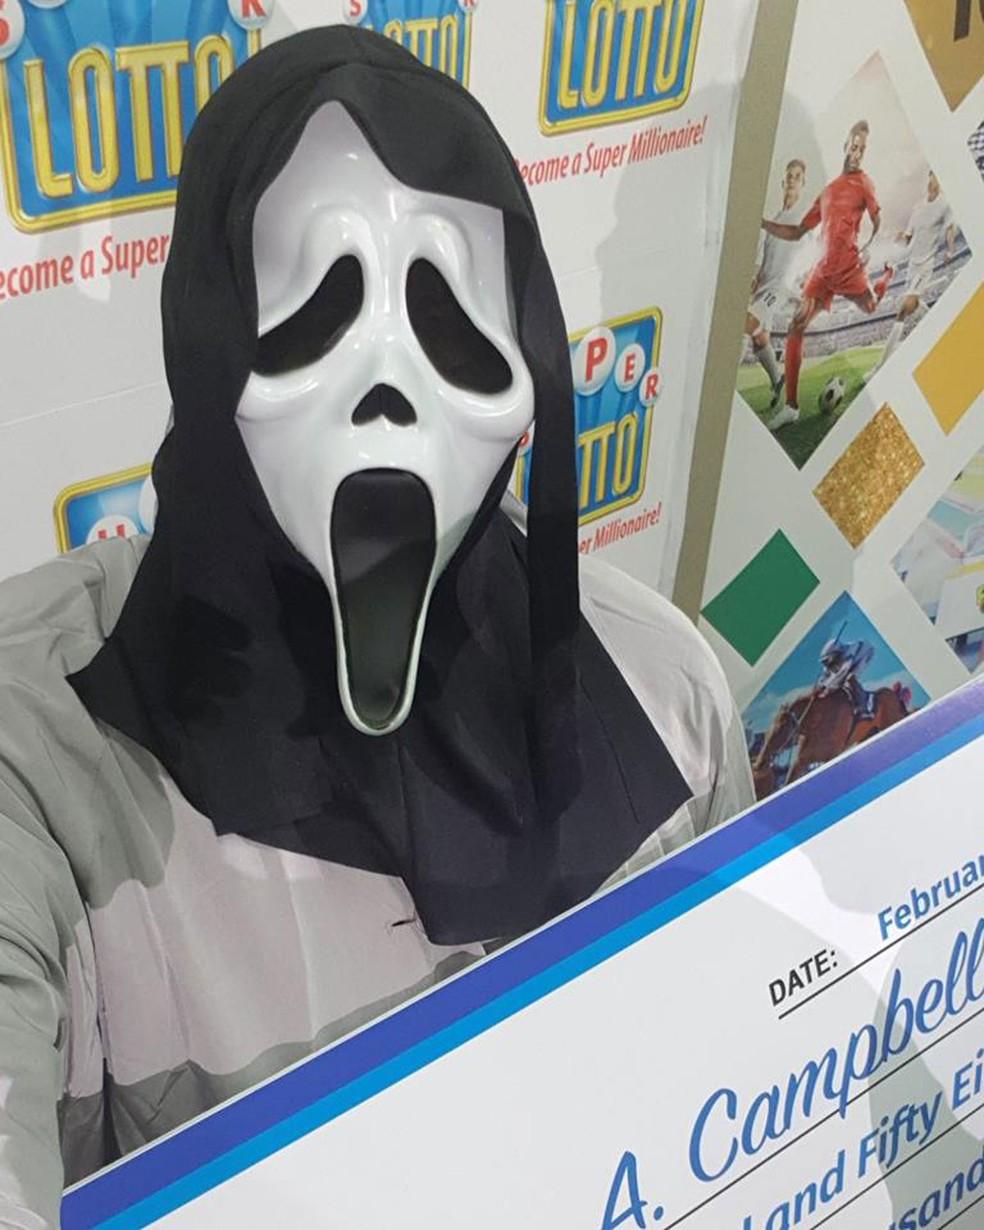 Ganhador de loteria recebe prêmio com máscara do 'Pânico' para não ser reconhecido